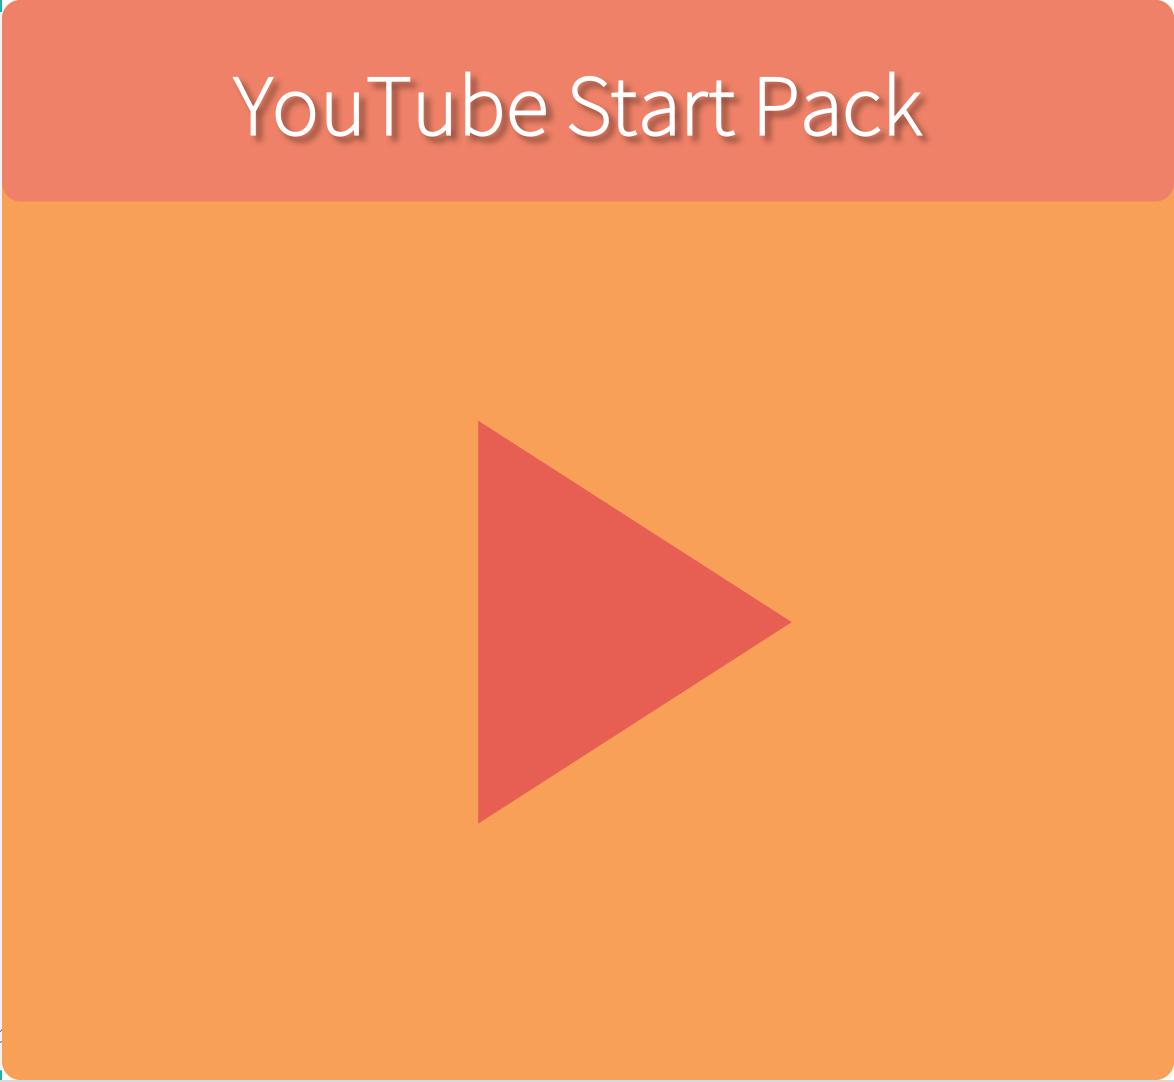 YouTubeStartPack